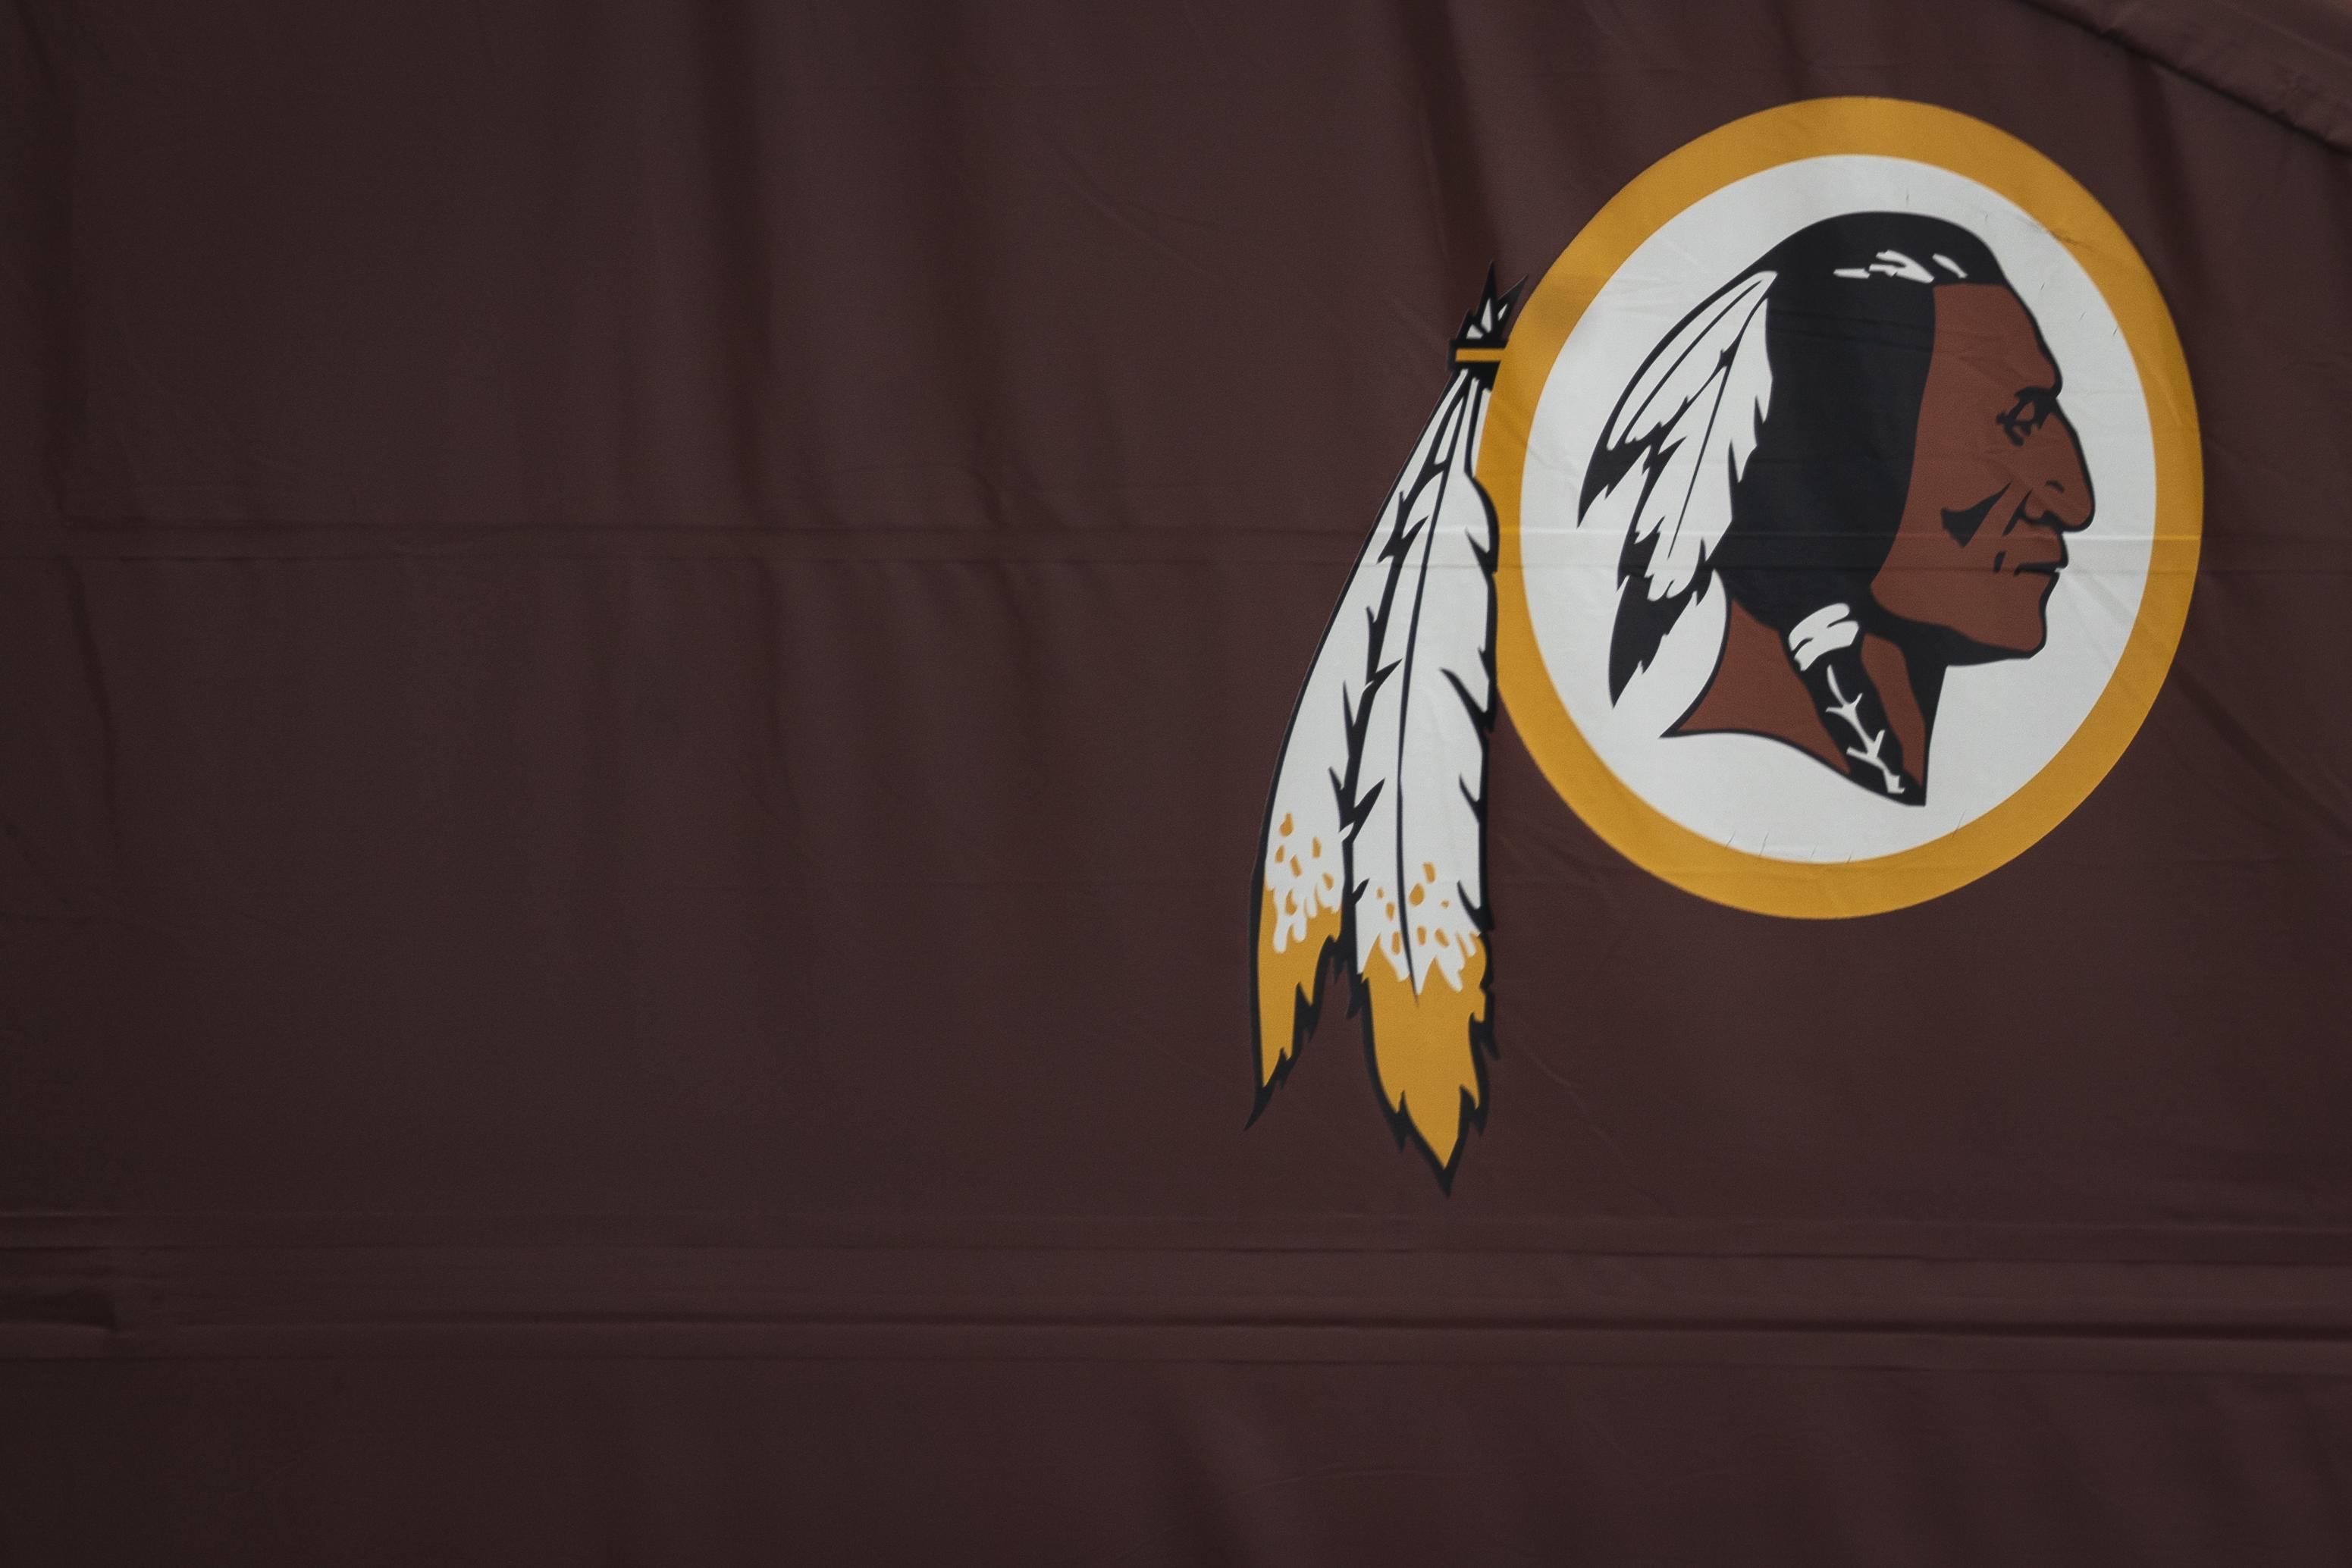 圖為華盛頓紅人隊(Redskins)徽標。(Drew Angerer/Getty Images)